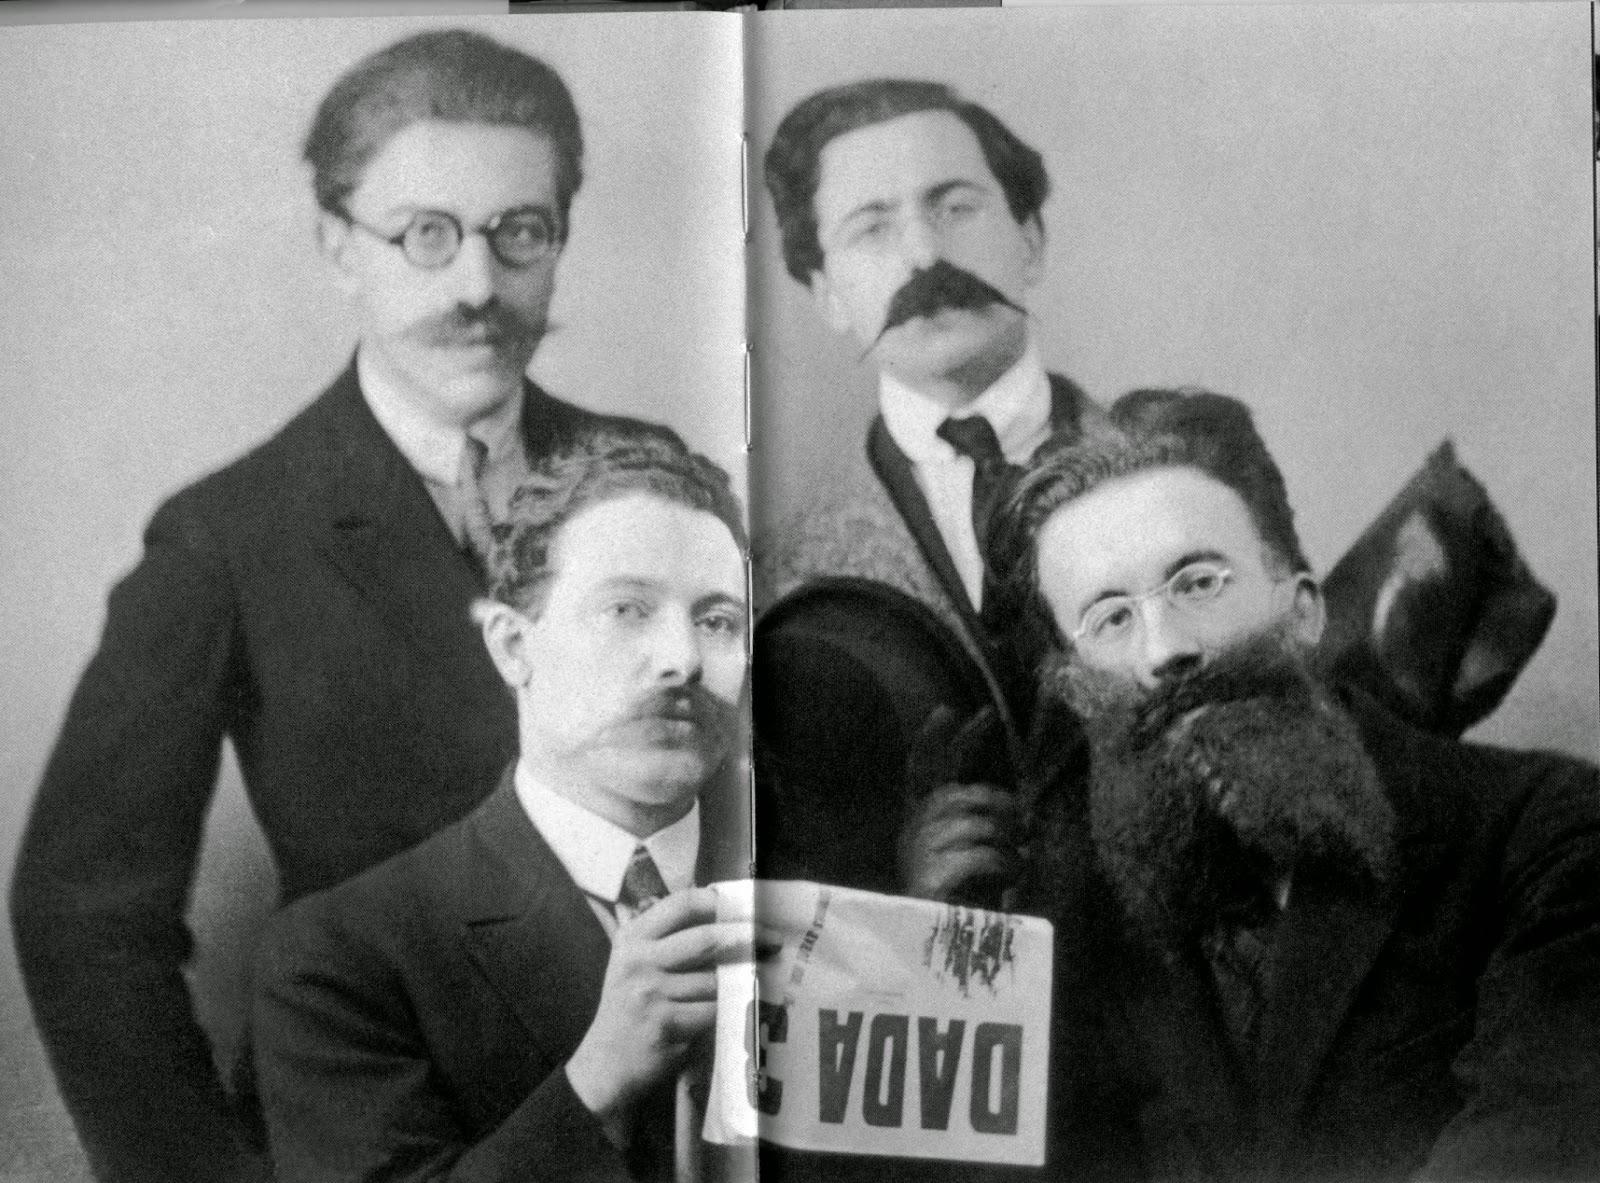 Breton, René Hislum, Louis Aragon, Paul Eluard - dadaistas surrealistas